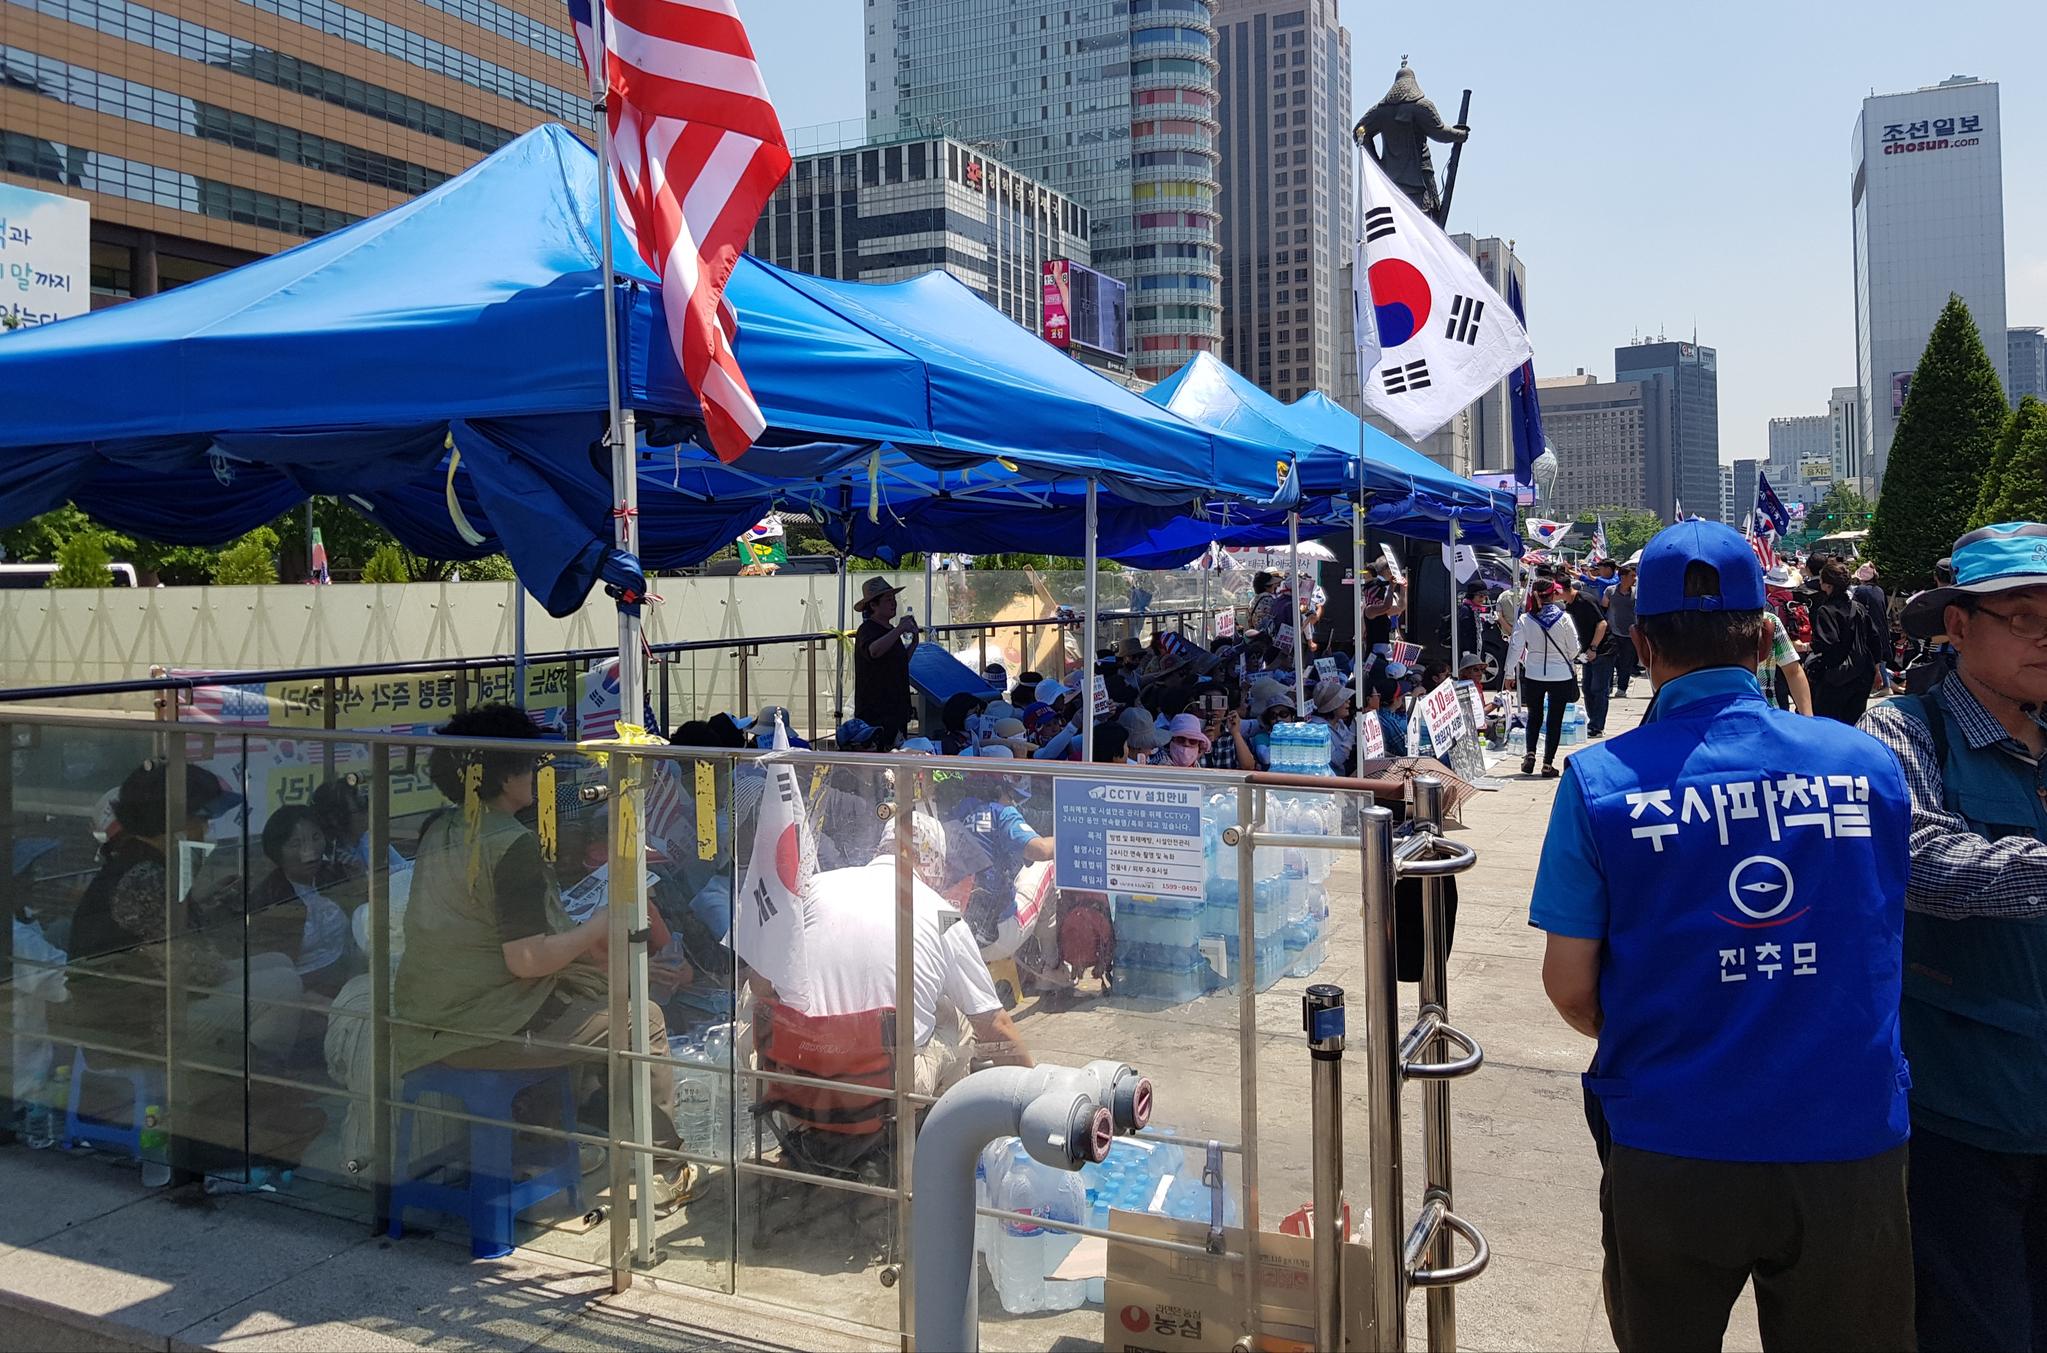 우리공화당 측이 25일 오후 서울 광화문광장에 천막을 설치한 모습. [뉴스1]